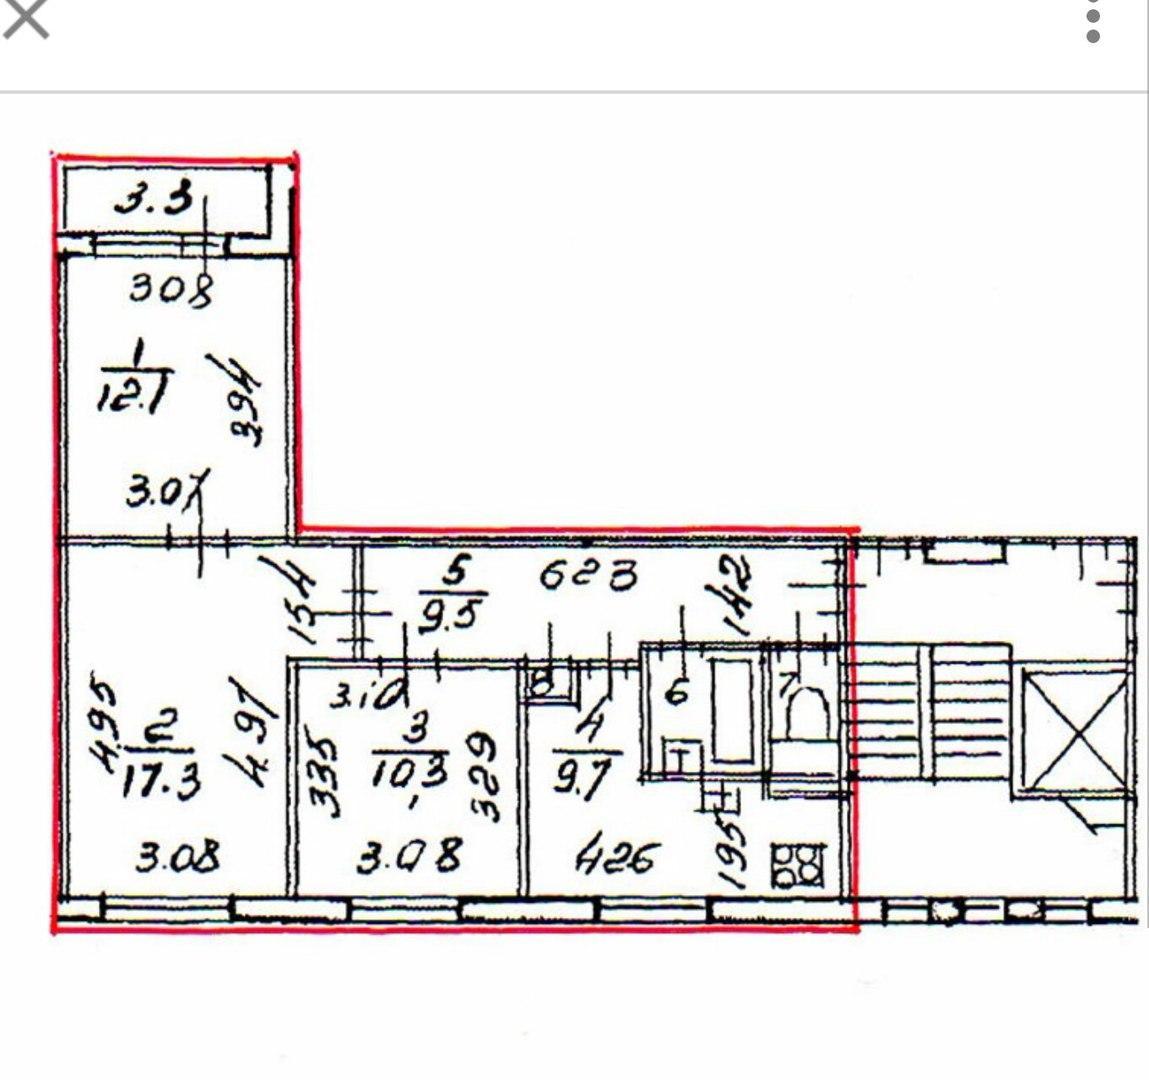 Схема проводки в доме 504 серии